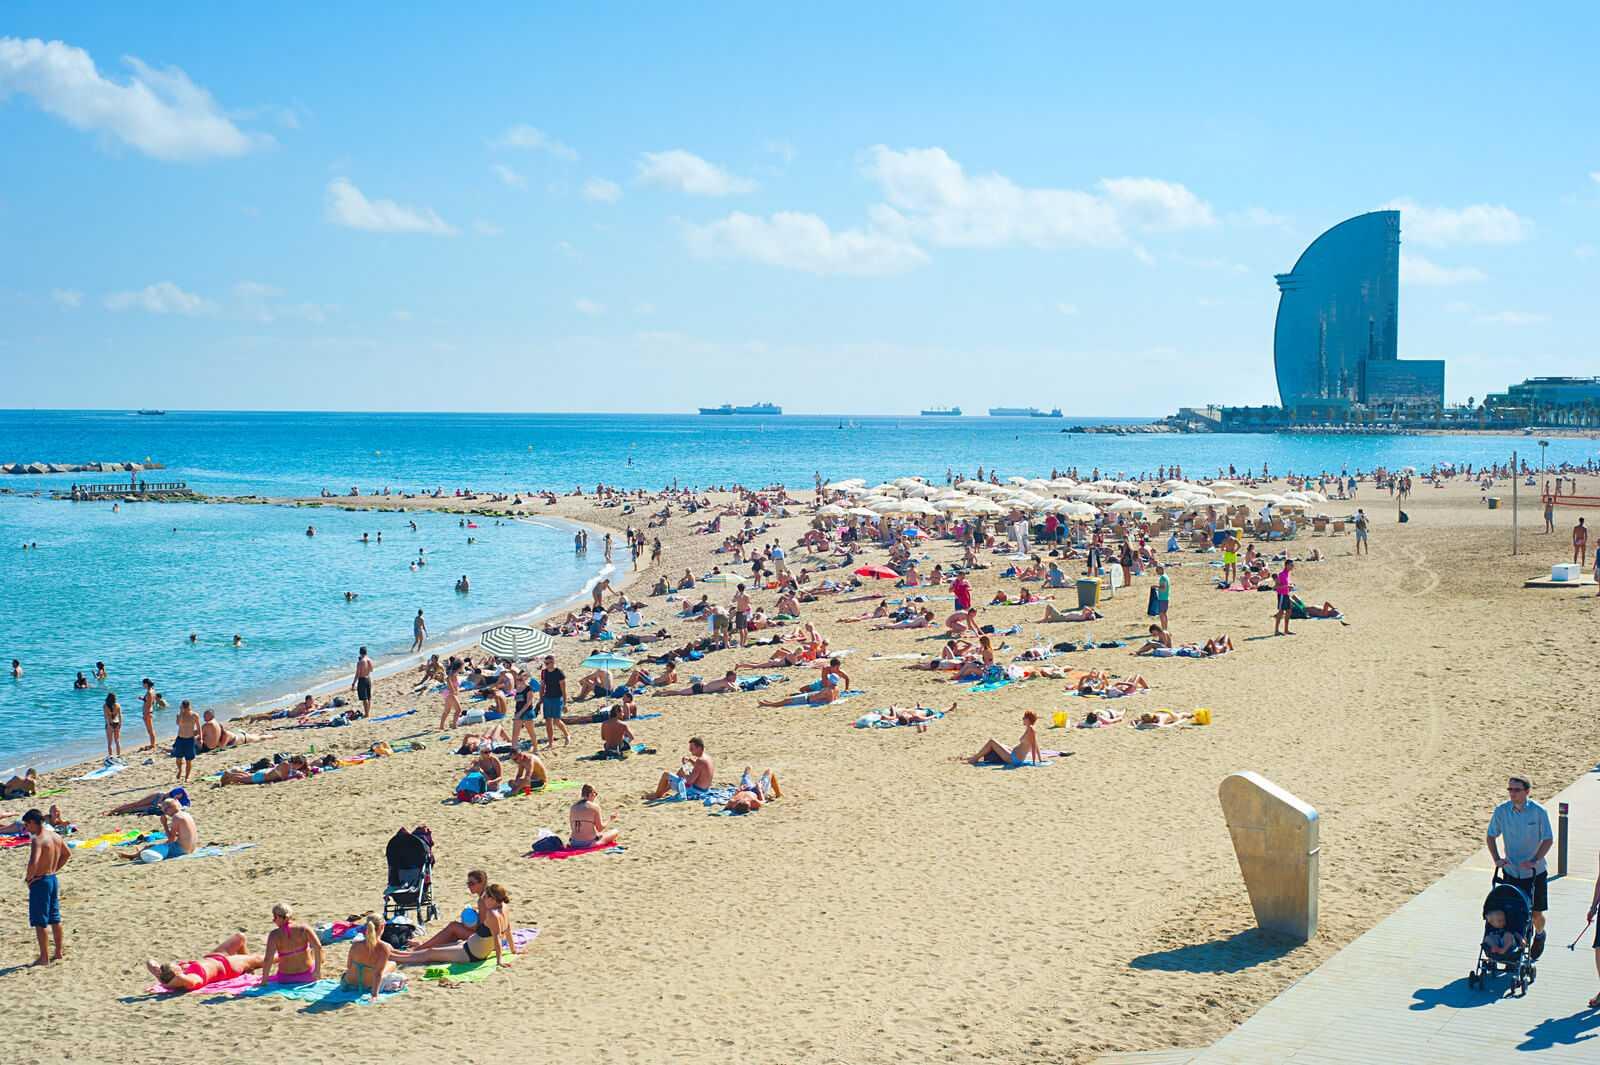 מלונות ליד חוף הים בברצלונה